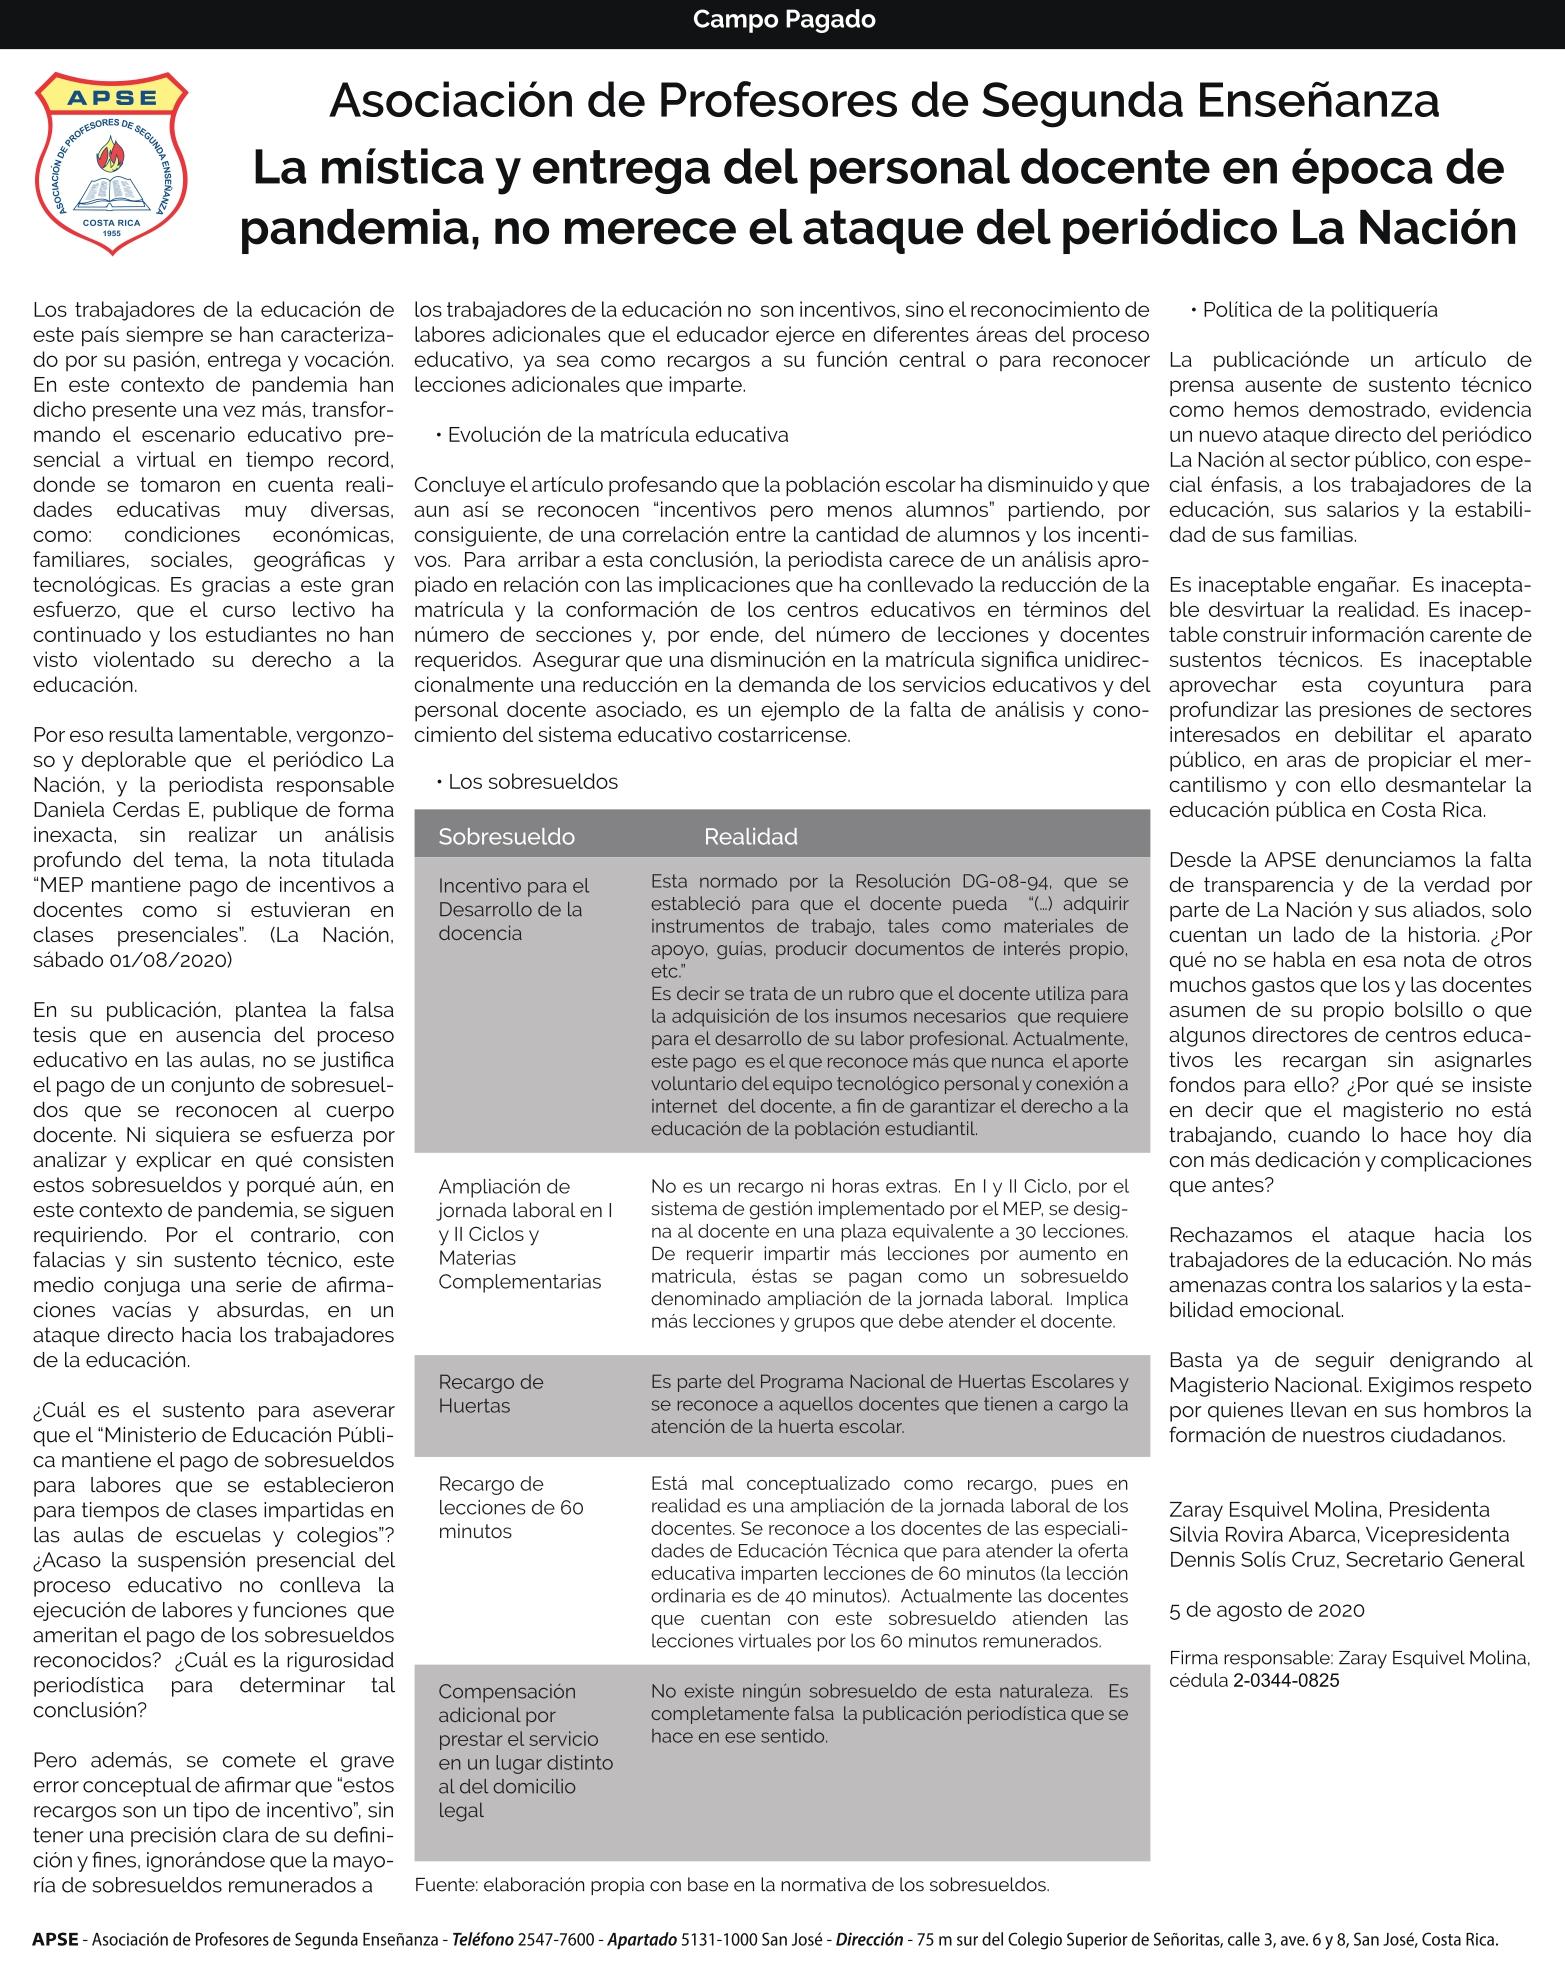 LA MÍSTICA Y ENTREGA DEL PERSONAL DOCENTE EN ÉPOCA DE PANDEMIA, NO MERECE EL ATAQUE DEL PERIÓDICO LA NACIÓN